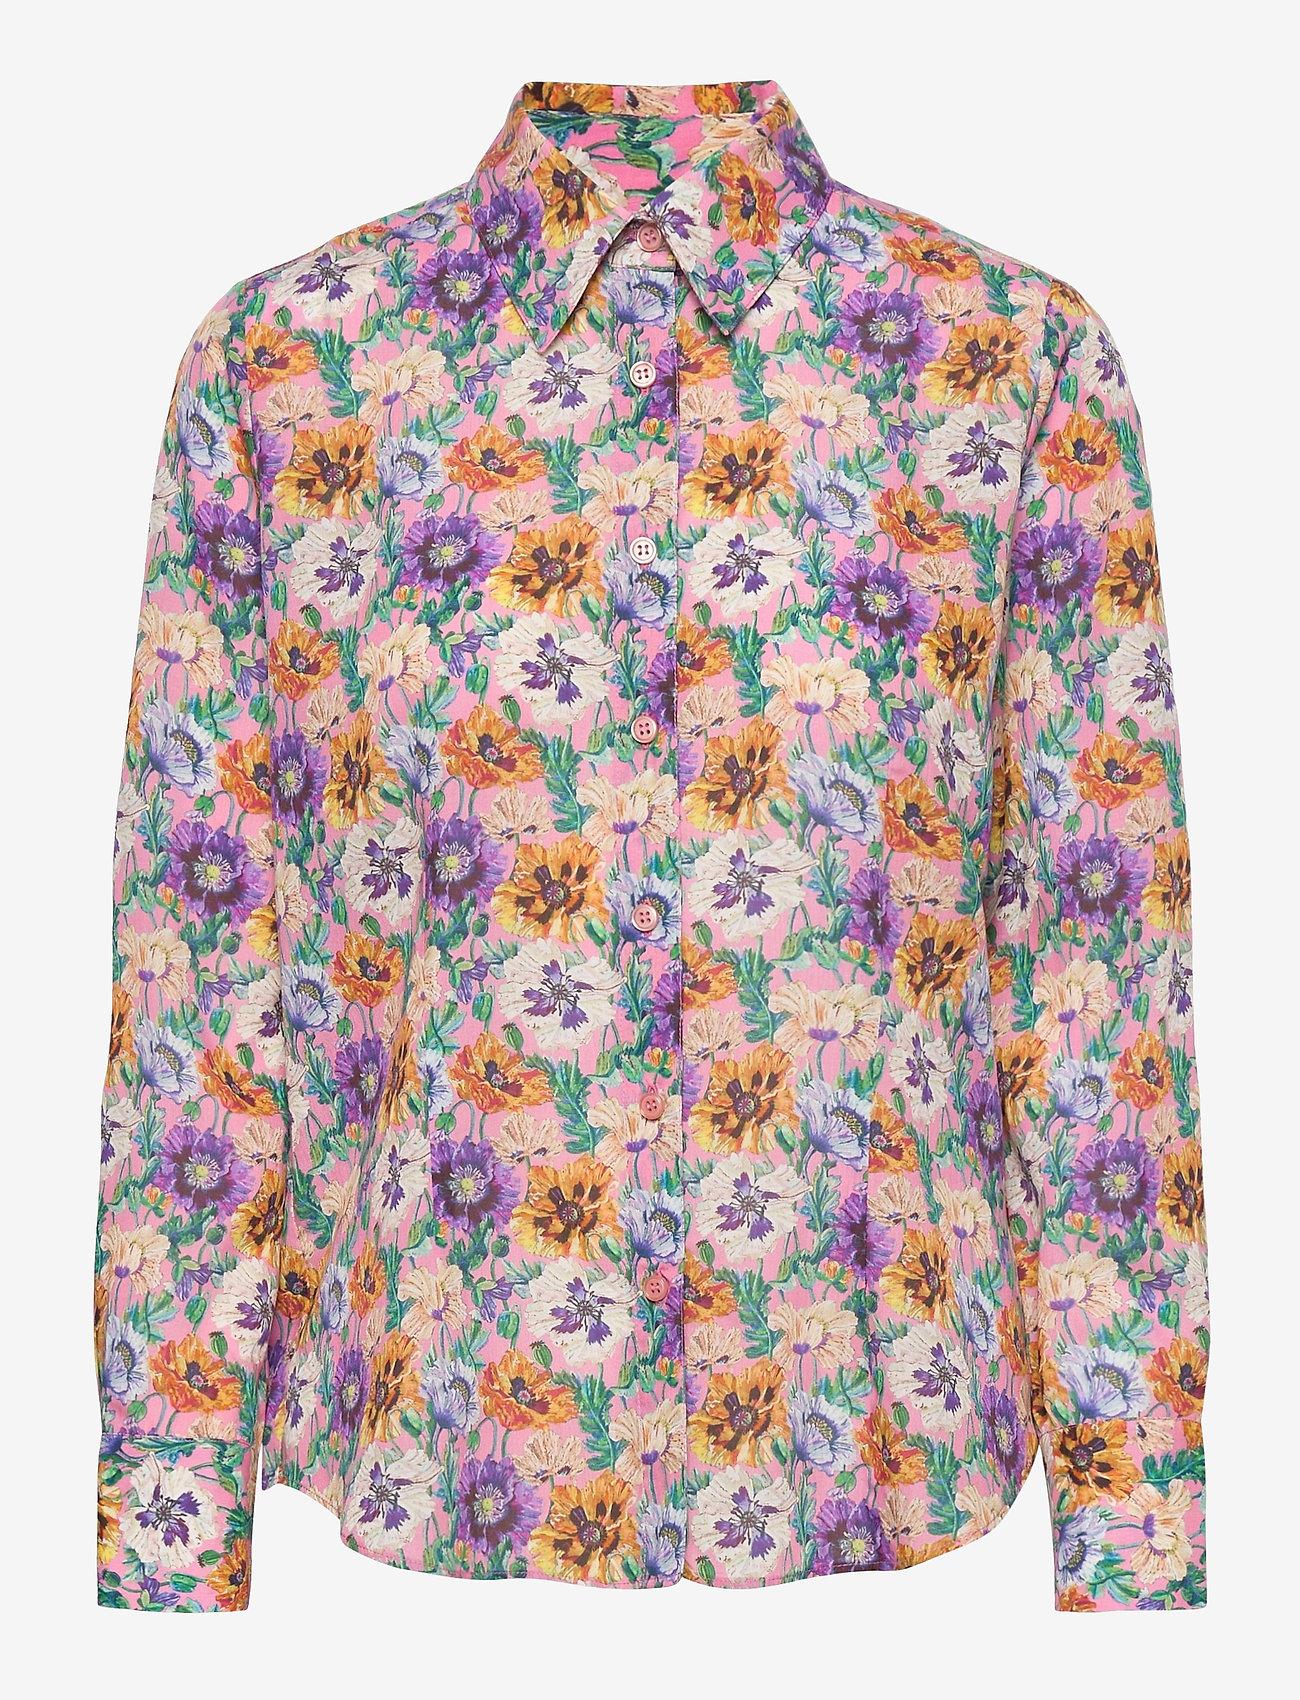 SAND - 3419 - Lotte BC - overhemden met lange mouwen - pink - 0